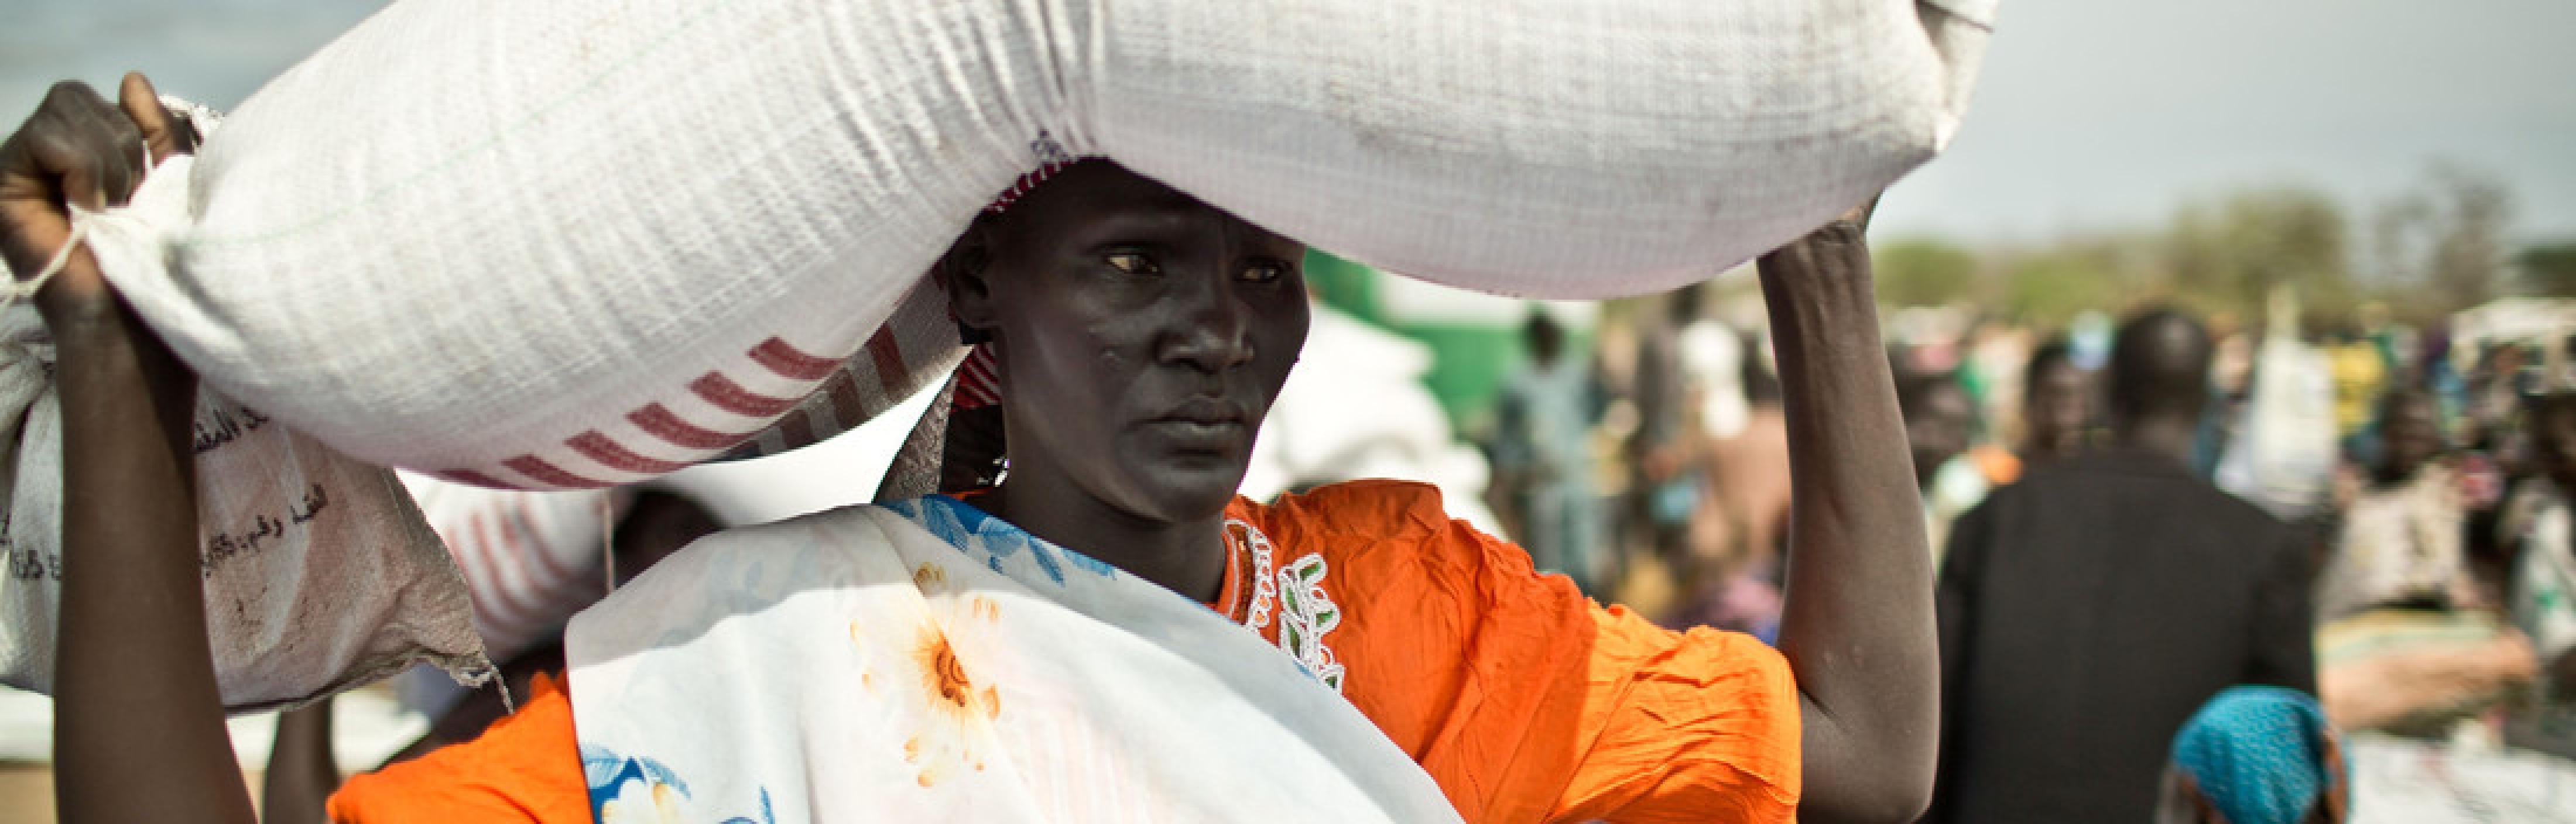 Frau aus dem Südsudan transportiert einen gefüllten Sack auf dem Kopf